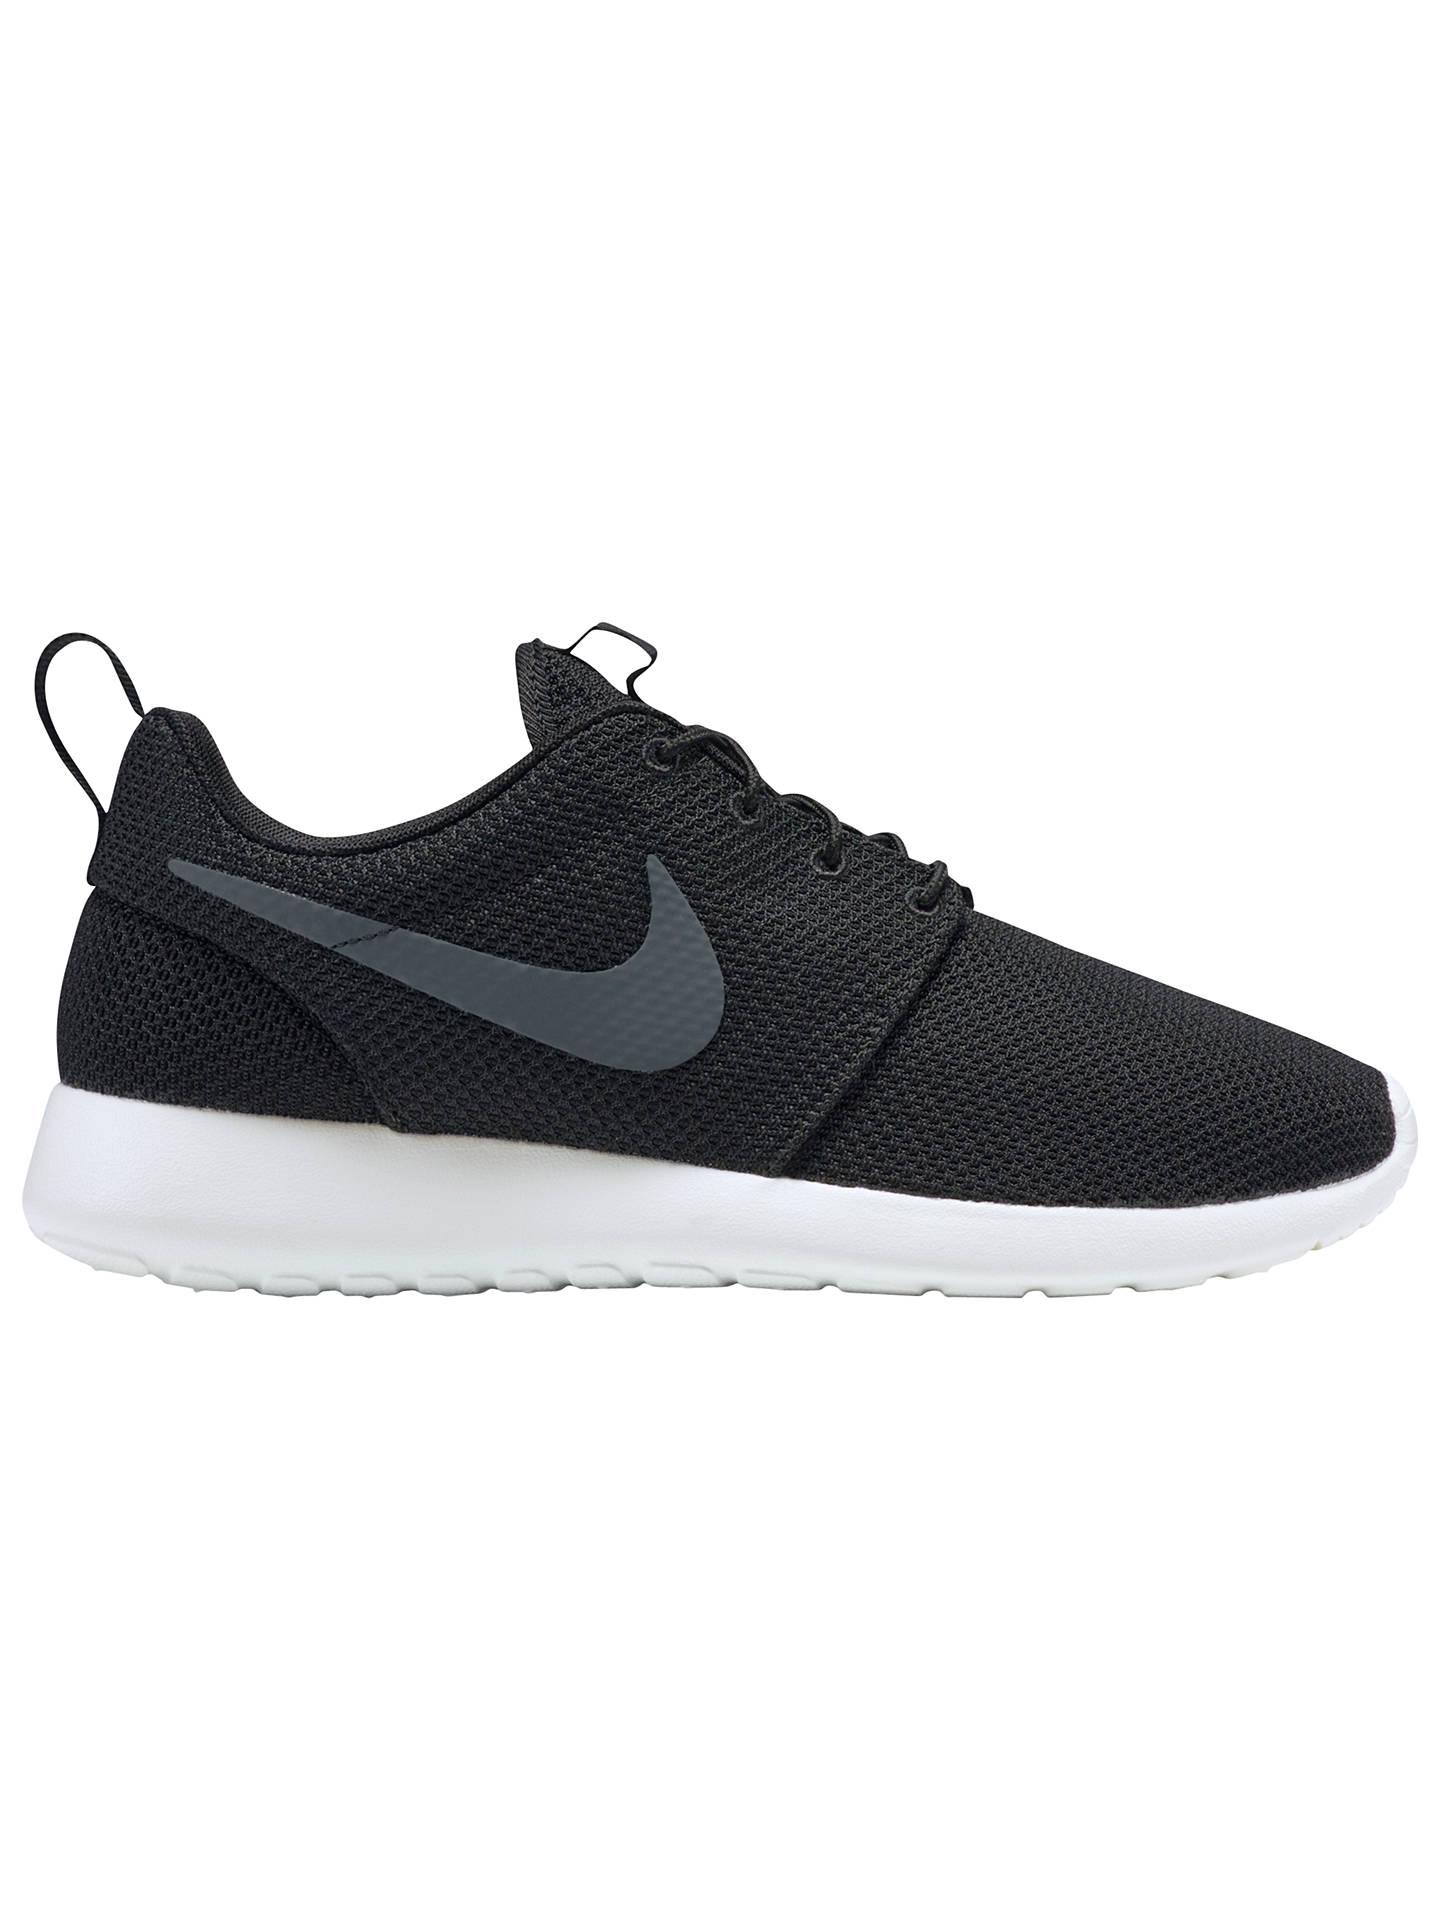 d171f79d9408 Buy Nike Roshe One Men s Trainers